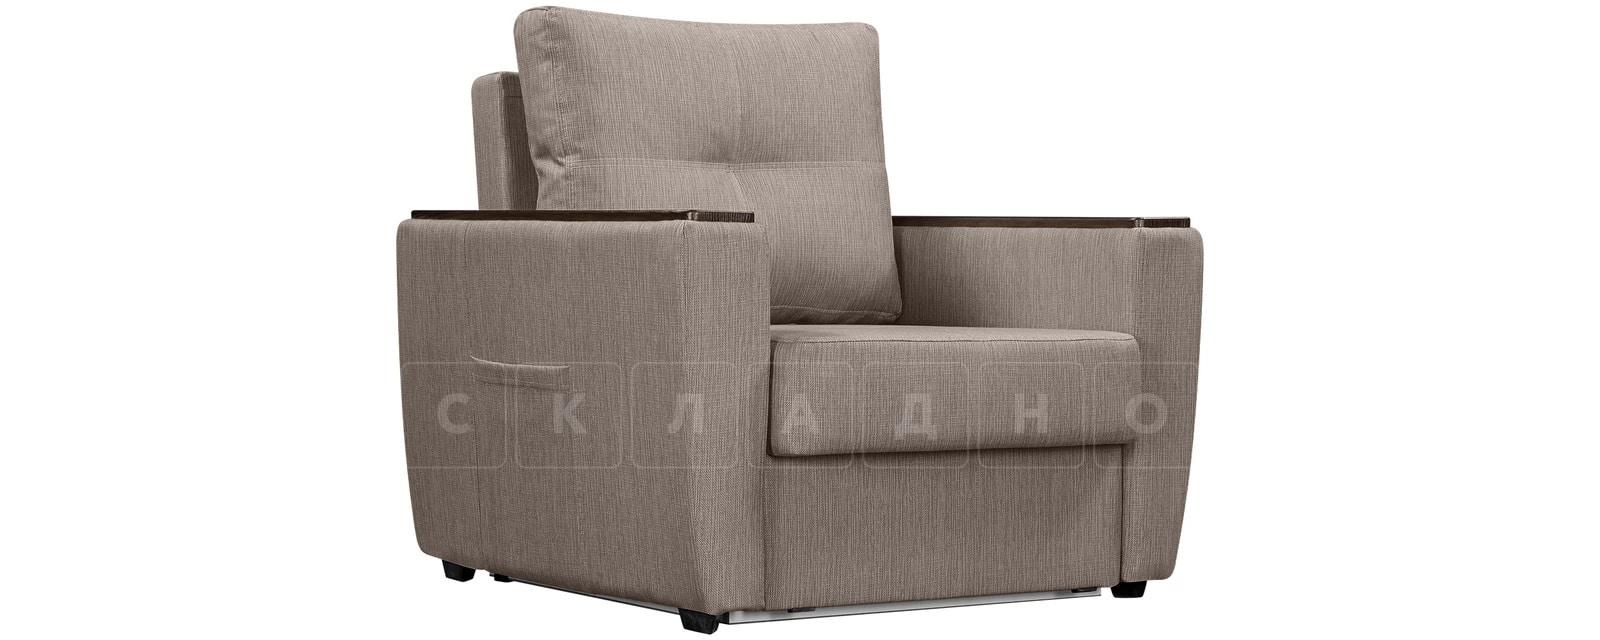 Кресло Майами темно-бежевое со спальным местом фото 1 | интернет-магазин Складно